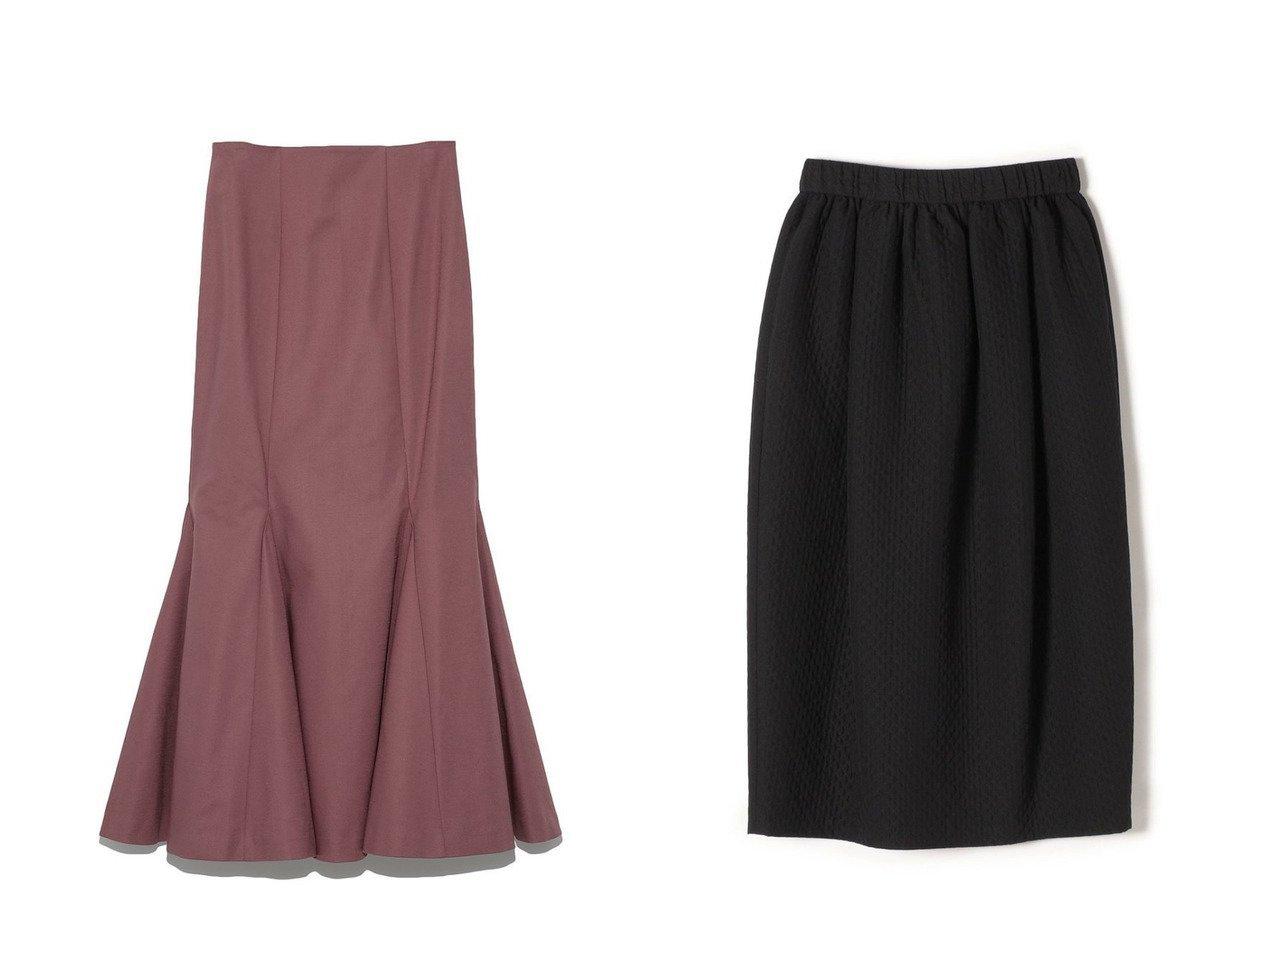 【SHIPS/シップス フォー ウィメン】のPrimary NavyLabel マトラッセジャガードスカート&【Lily Brown/リリーブラウン】のマーメイドスカート 【スカート】おすすめ!人気、トレンド・レディースファッションの通販 おすすめで人気の流行・トレンド、ファッションの通販商品 インテリア・家具・メンズファッション・キッズファッション・レディースファッション・服の通販 founy(ファニー) https://founy.com/ ファッション Fashion レディースファッション WOMEN スカート Skirt ロングスカート Long Skirt キルティング バルーン ベーシック マーメイド リラックス ロング  ID:crp329100000068452